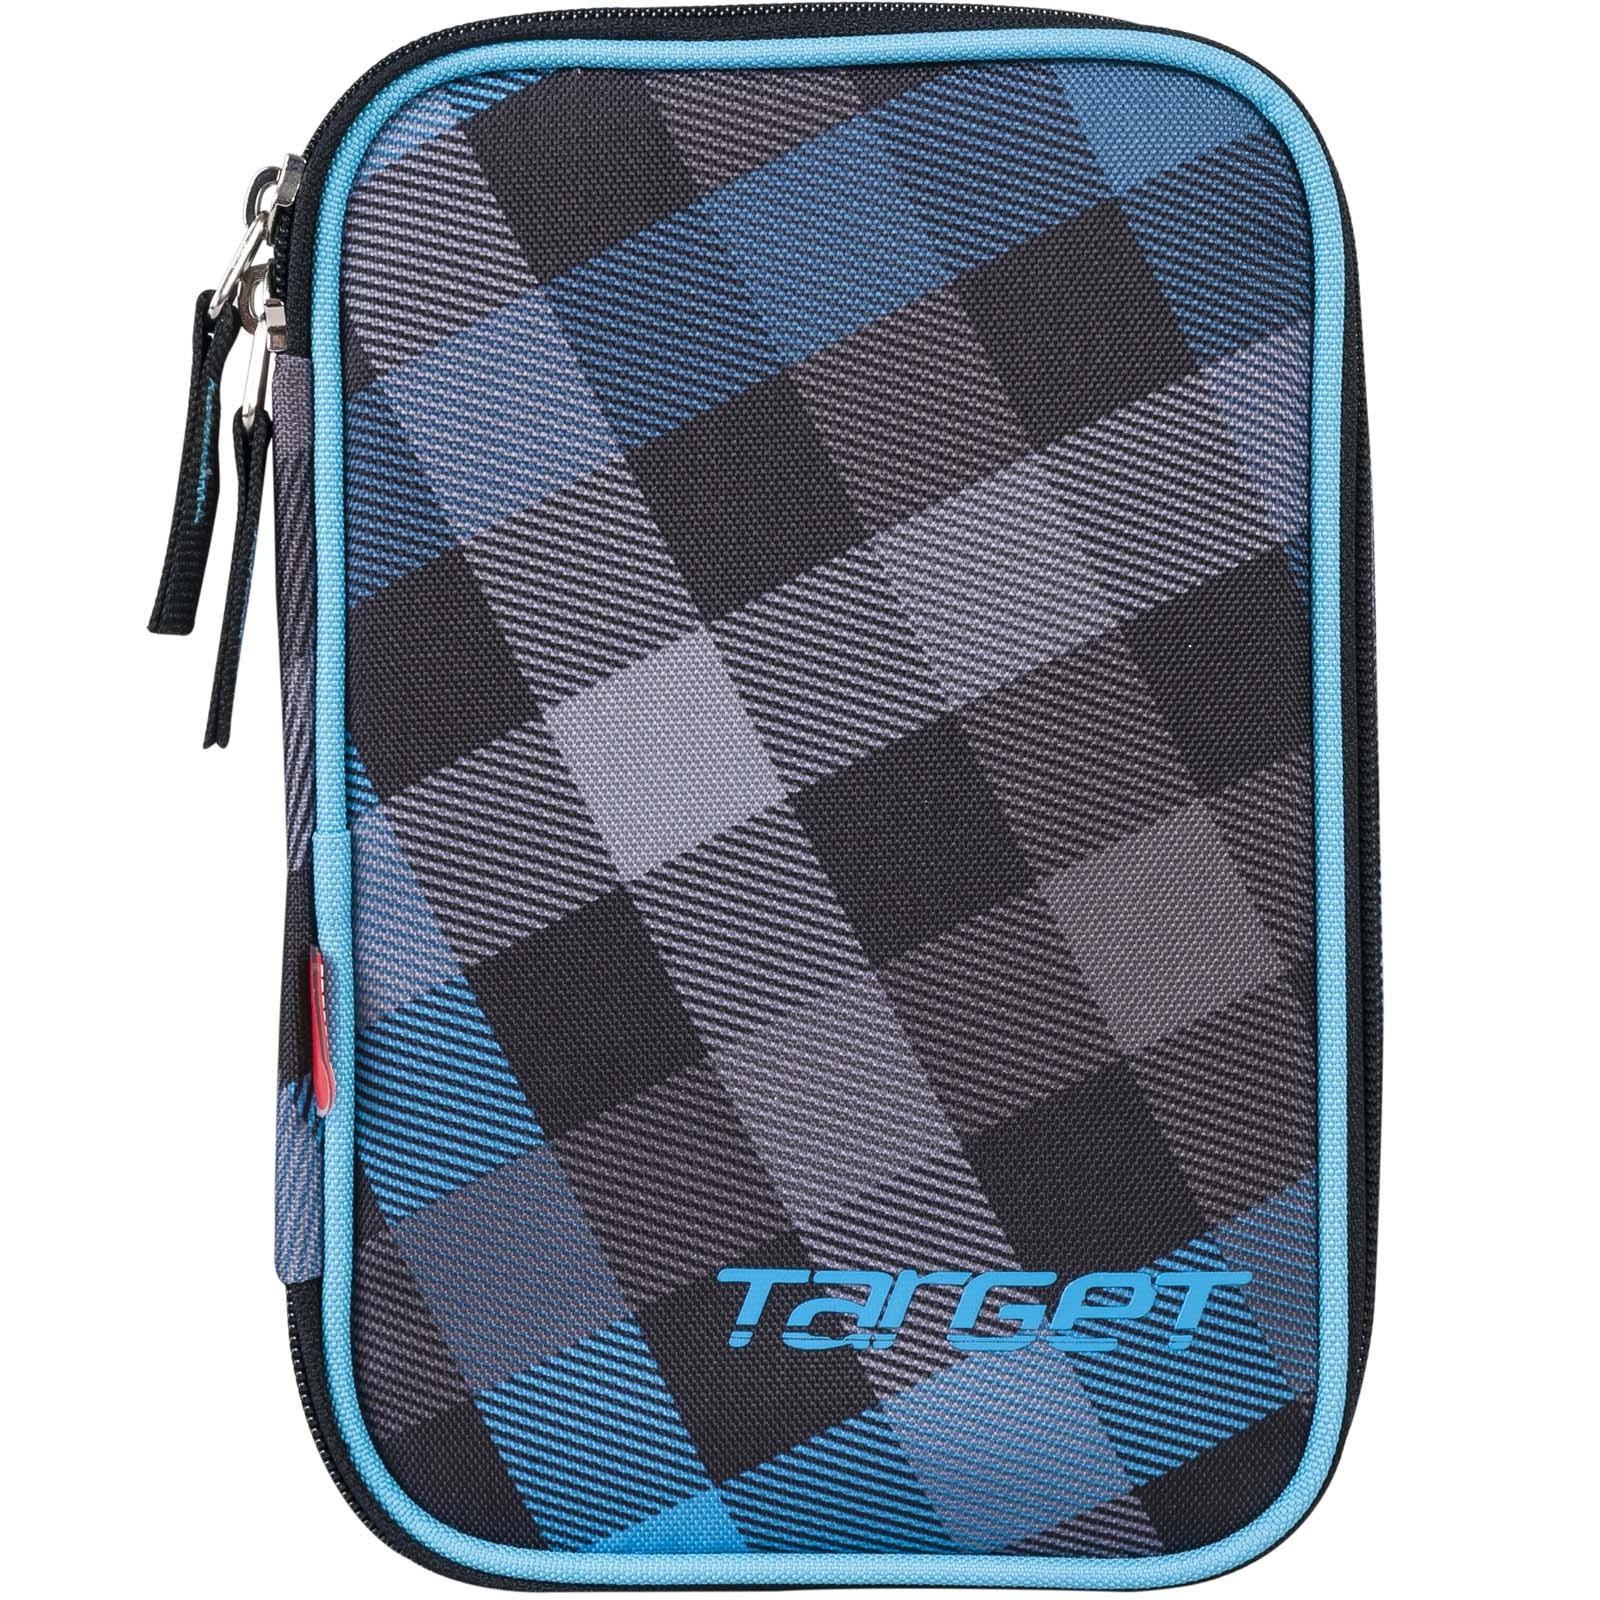 Пенал Target, с наполнением, цвет: синий, черный